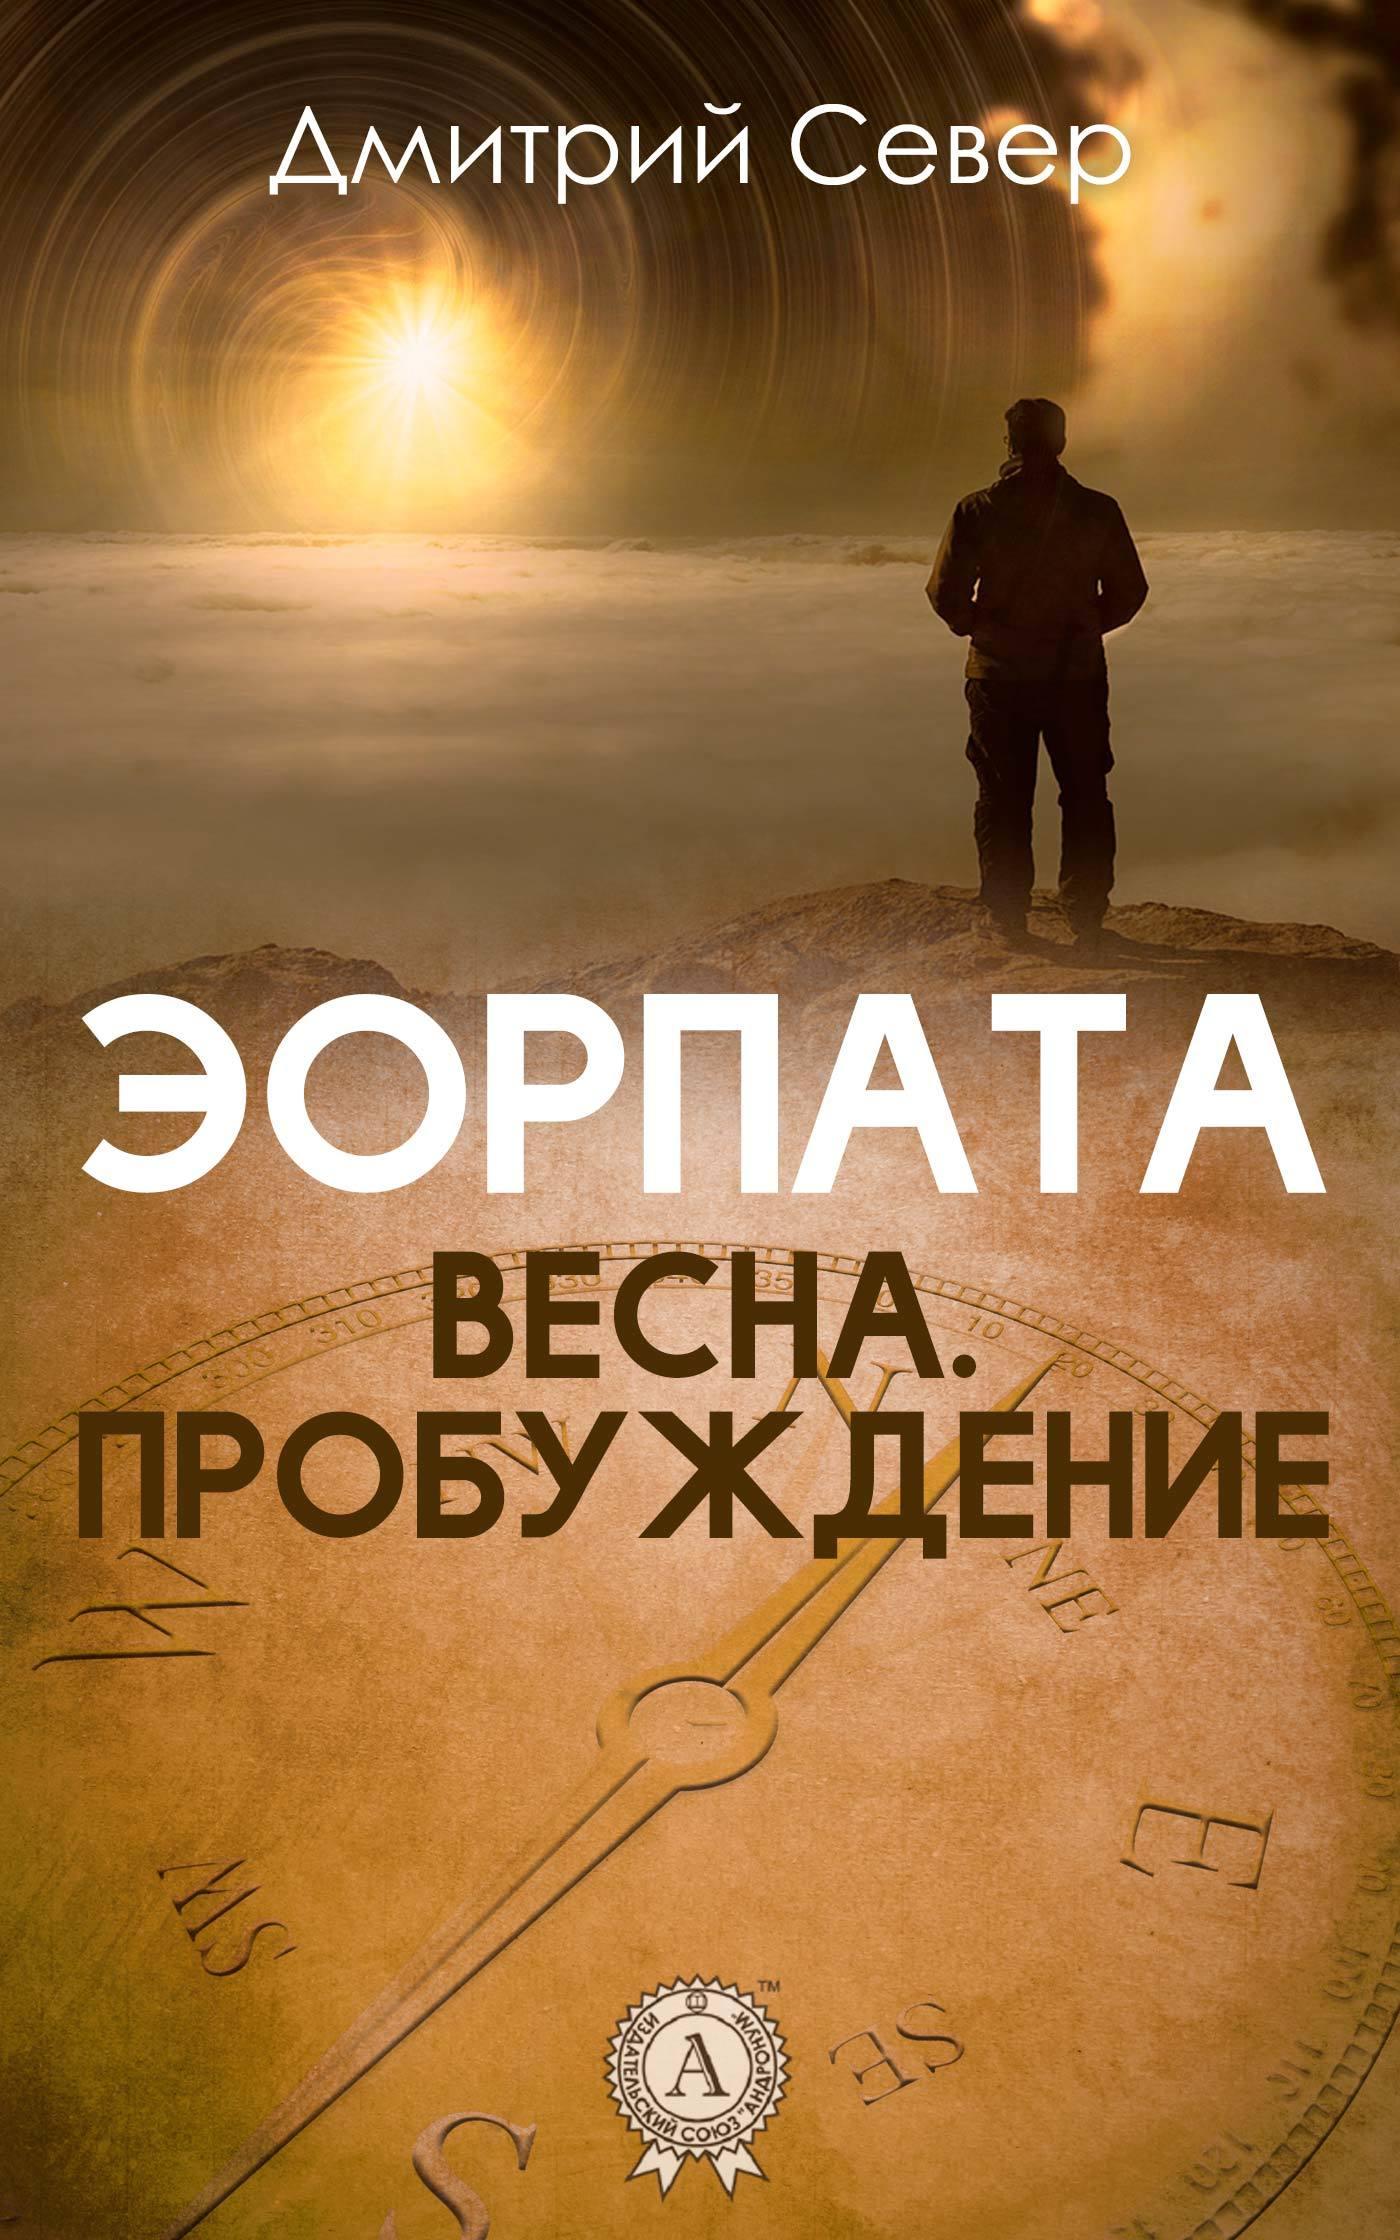 Дмитрий Север бесплатно